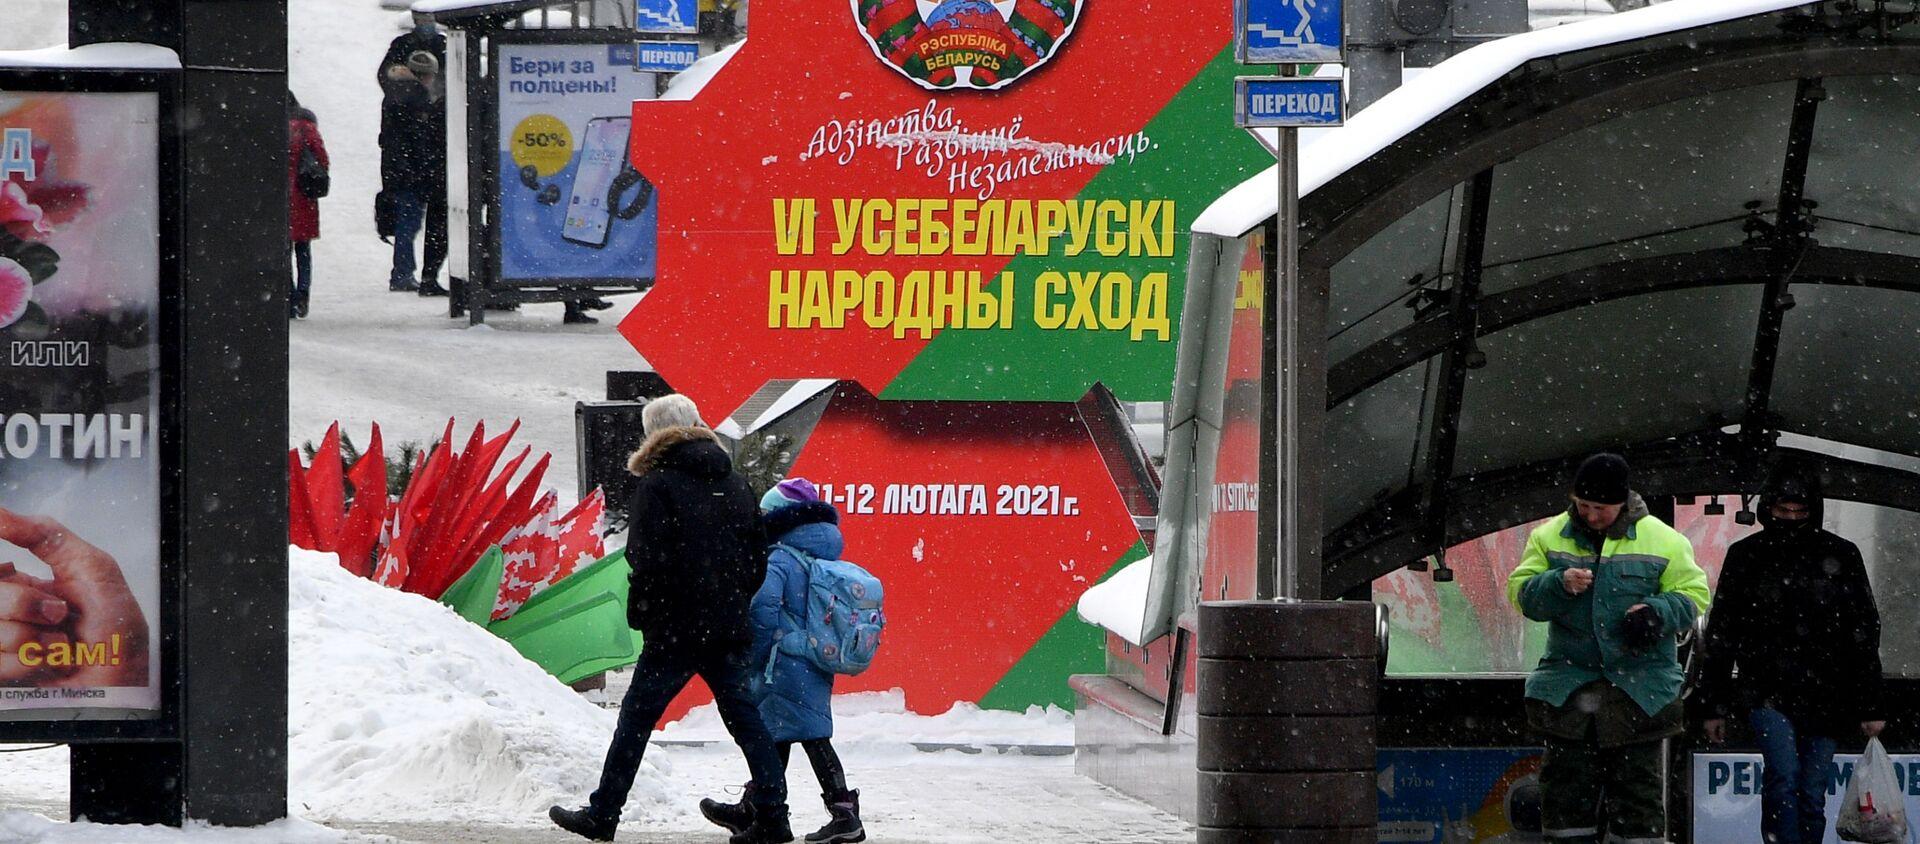 Всебелорусское народное собрание - Sputnik Беларусь, 1920, 11.02.2021